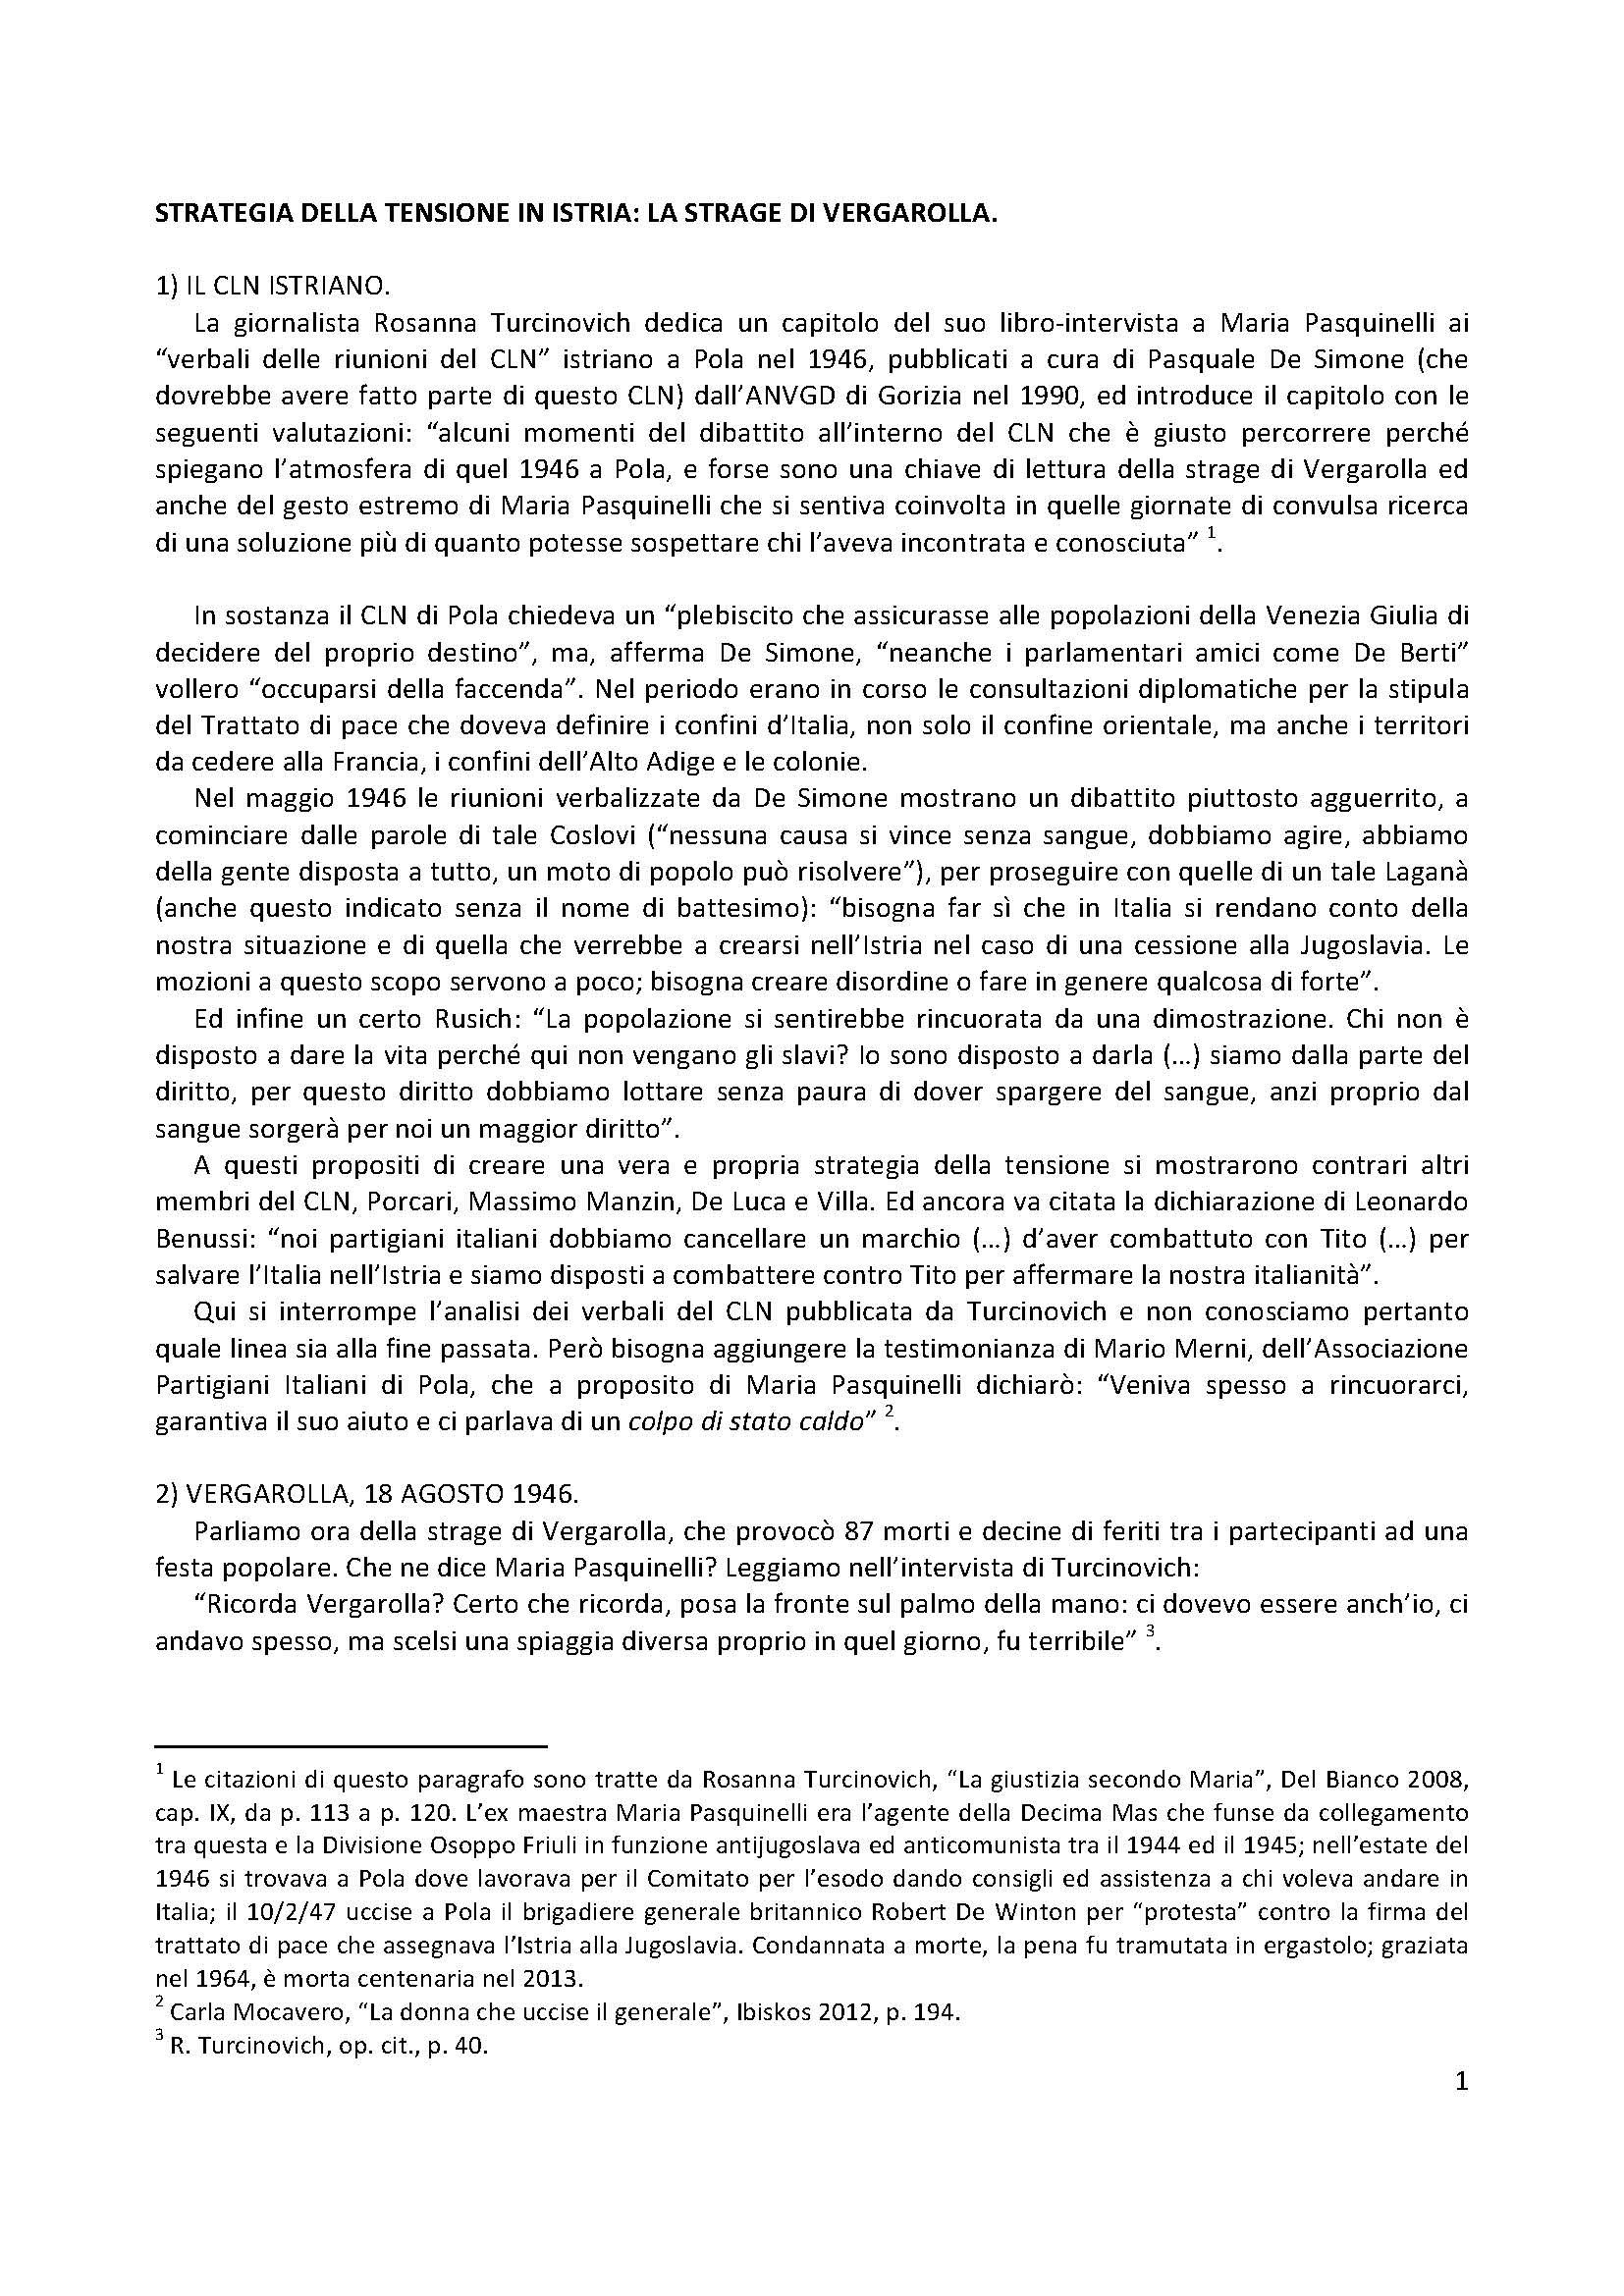 STRATEGIA-DELLA-TENSIONE-IN-ISTRIA (1)_Page_1